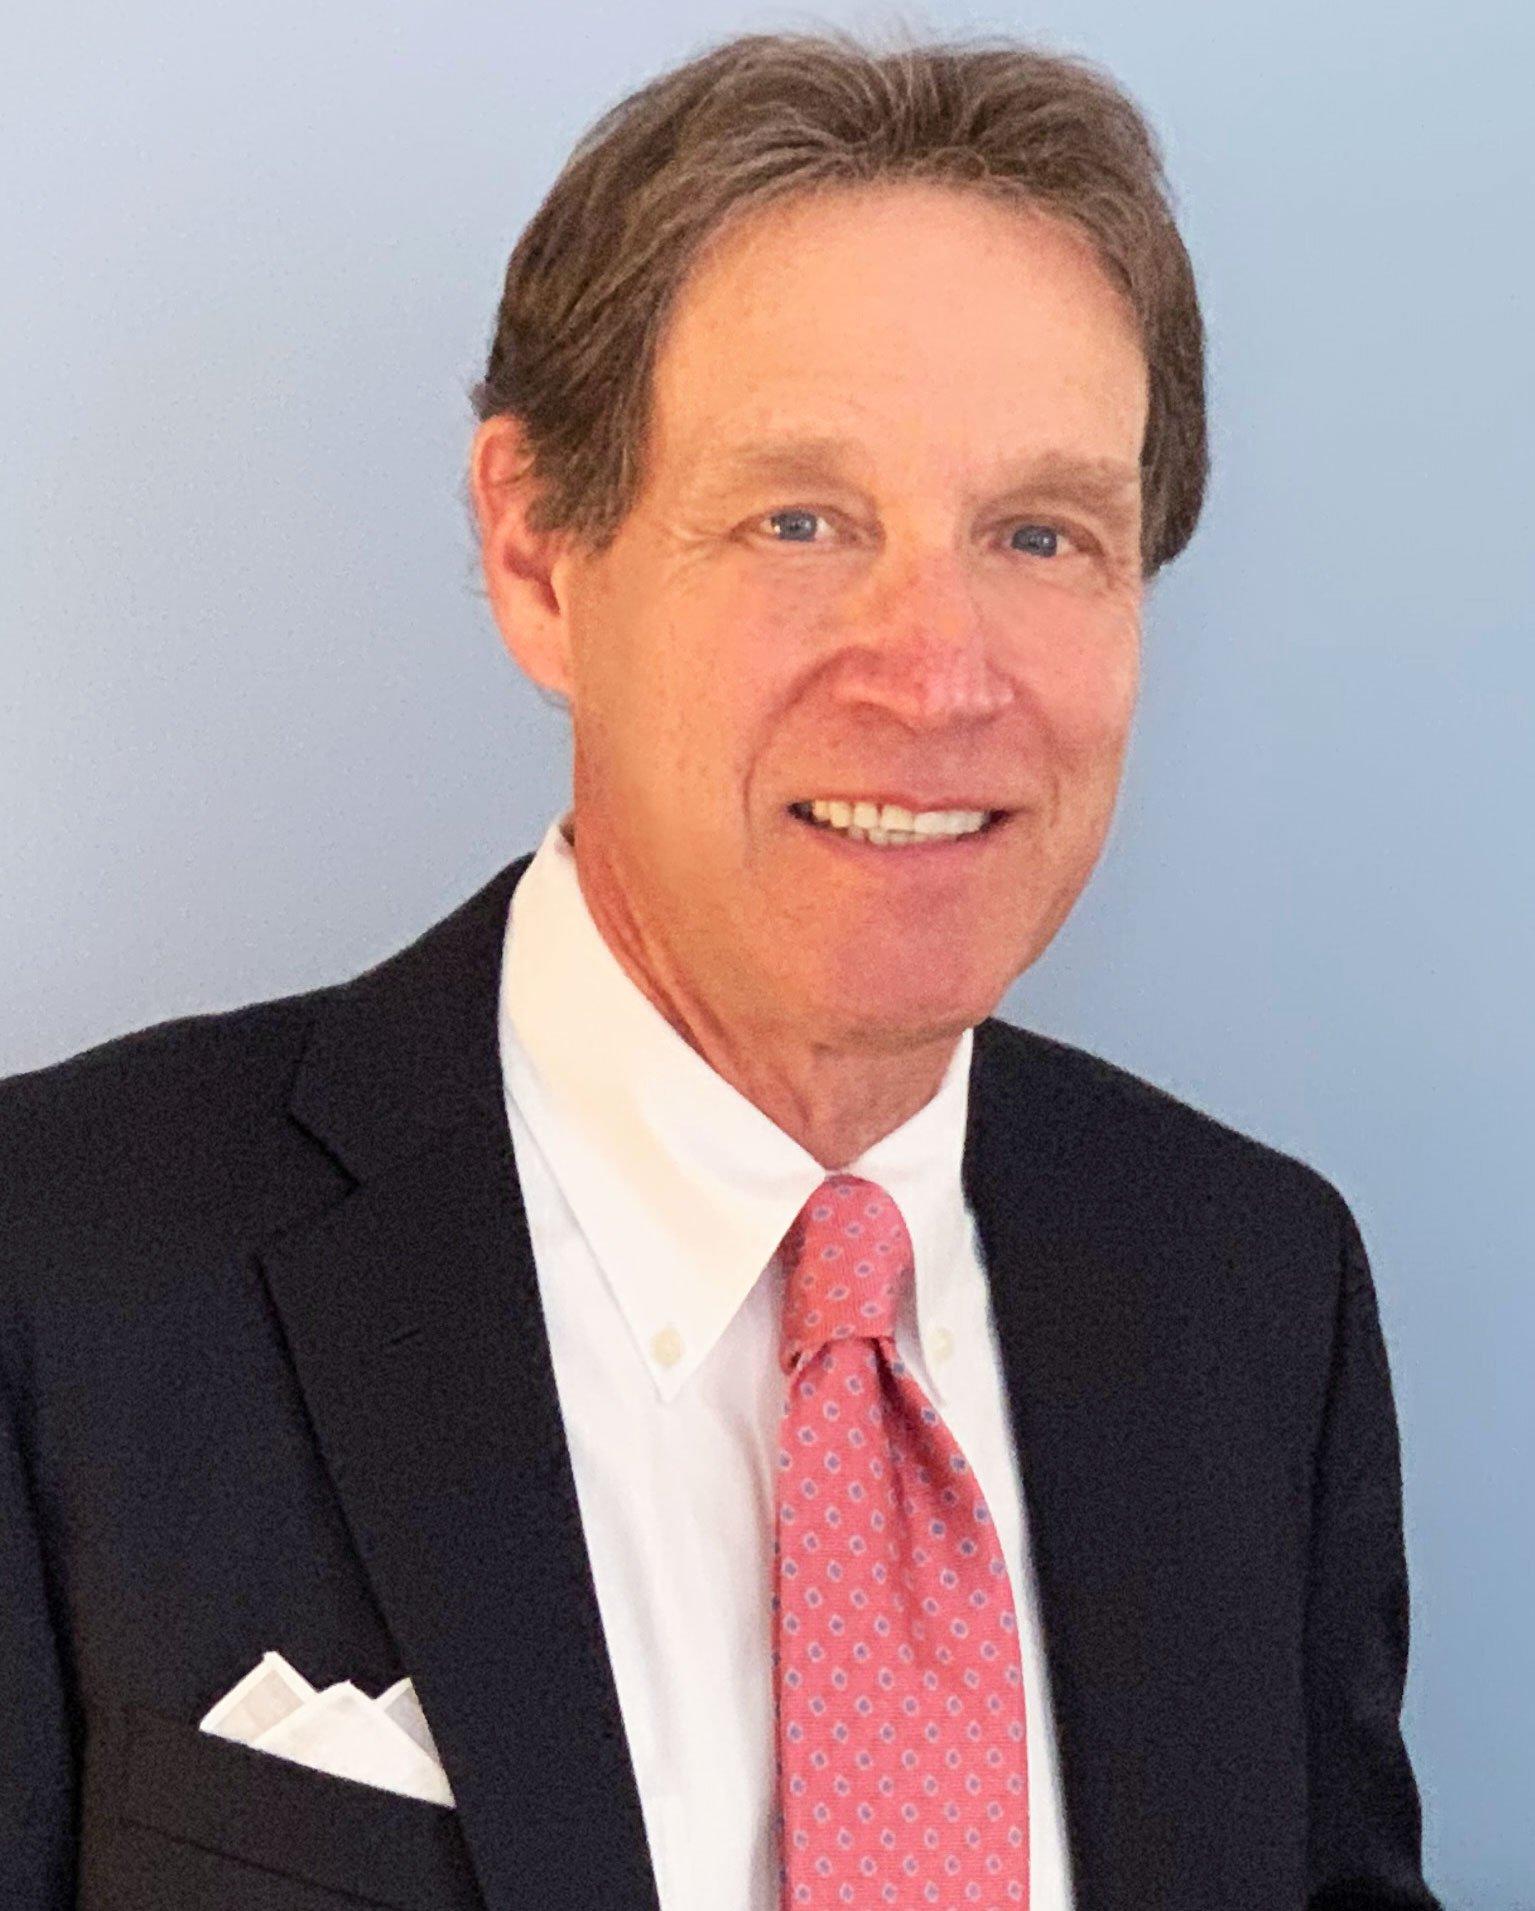 Greg Garville